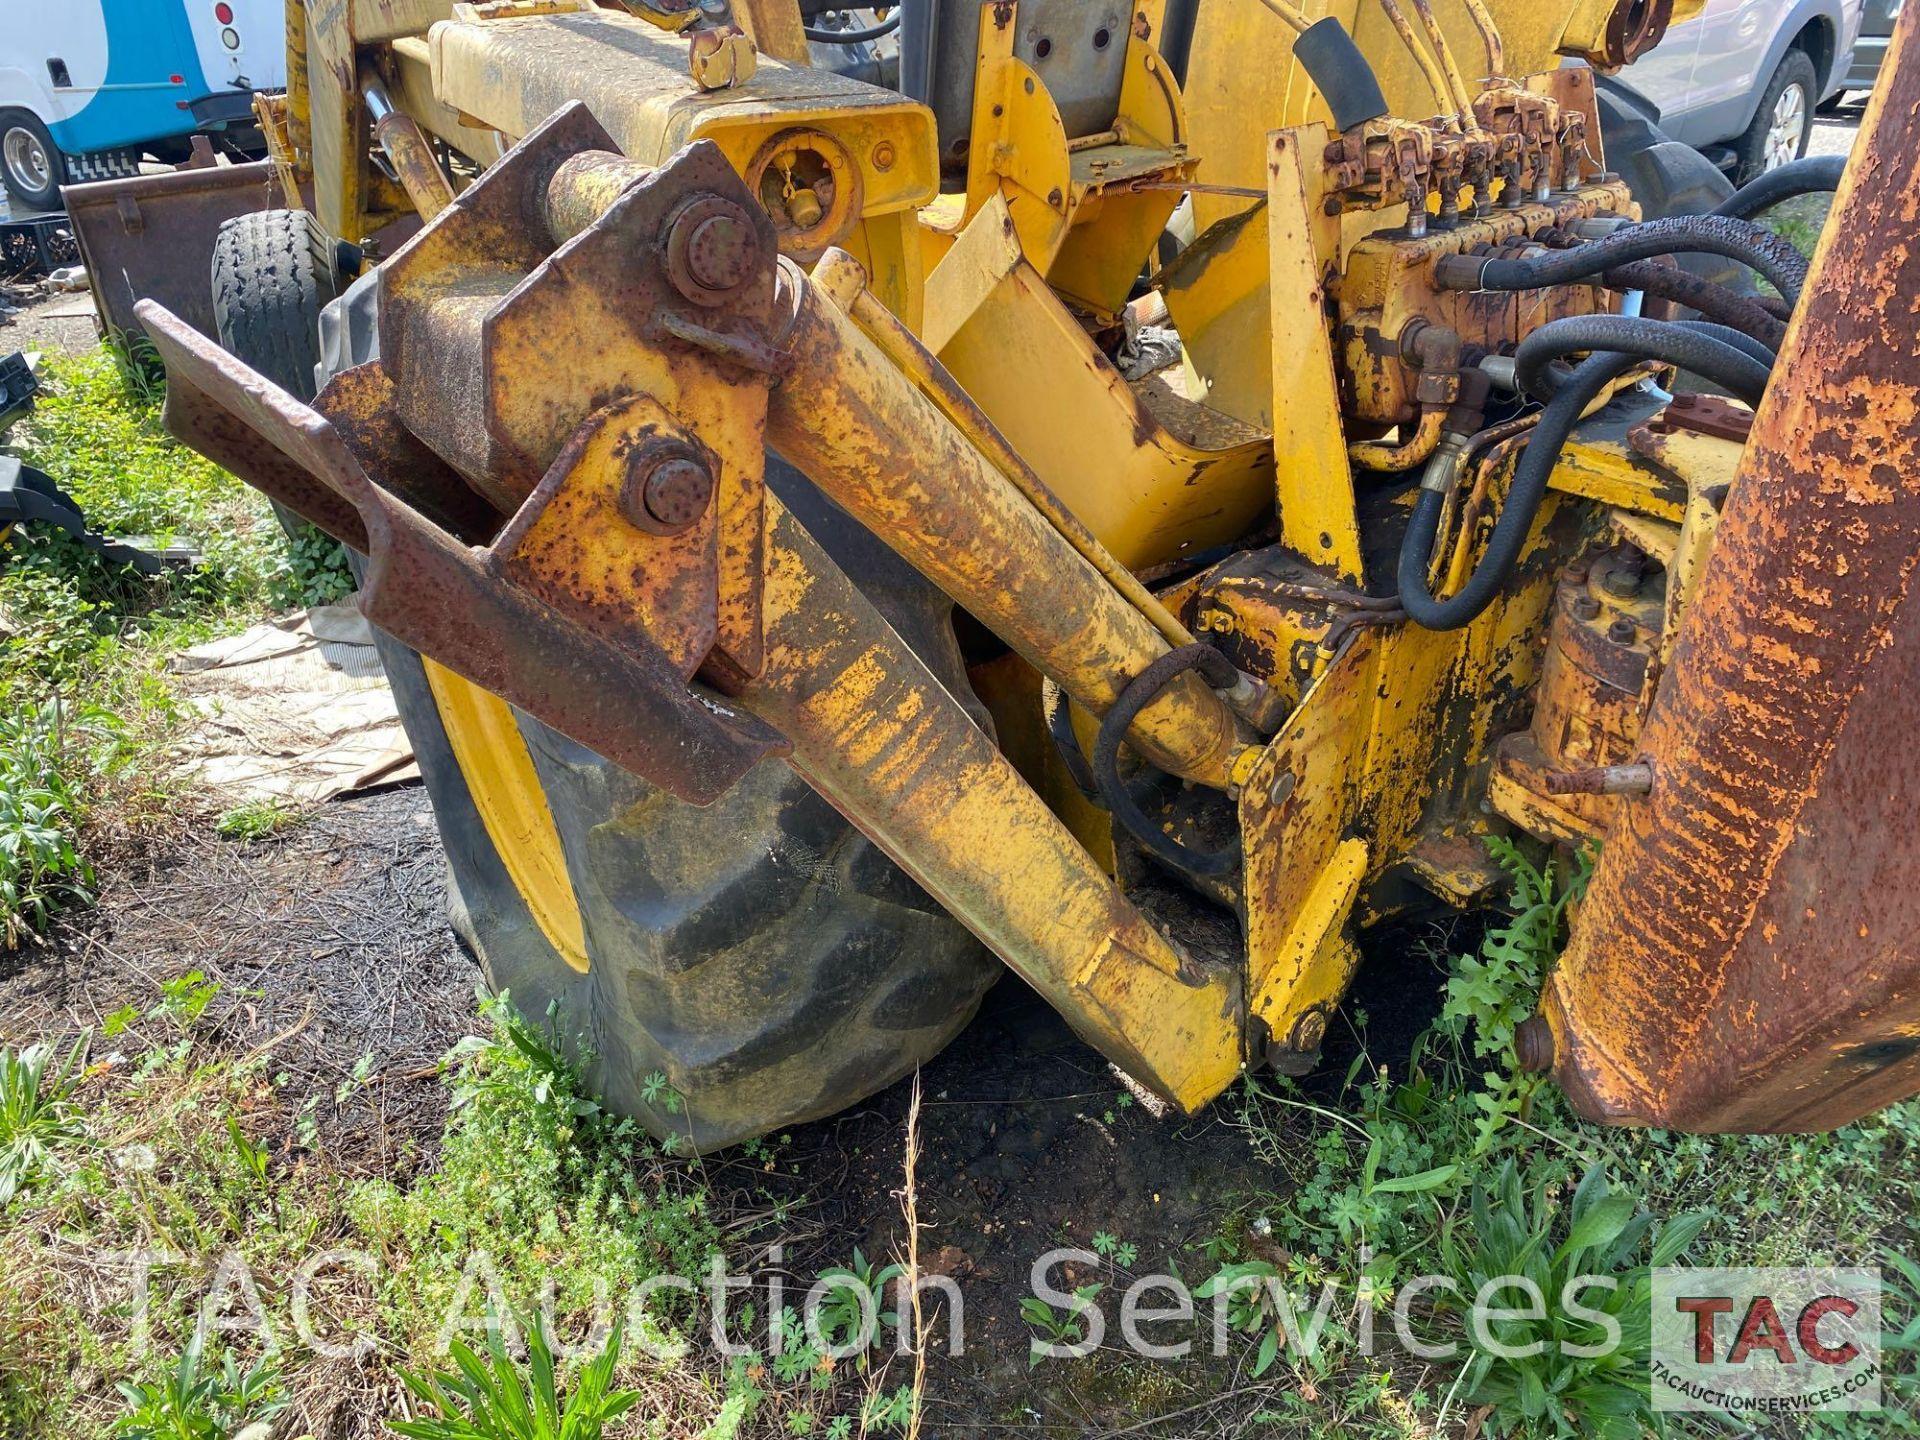 Massey Ferguson 50C Loader Backhoe - Image 25 of 45